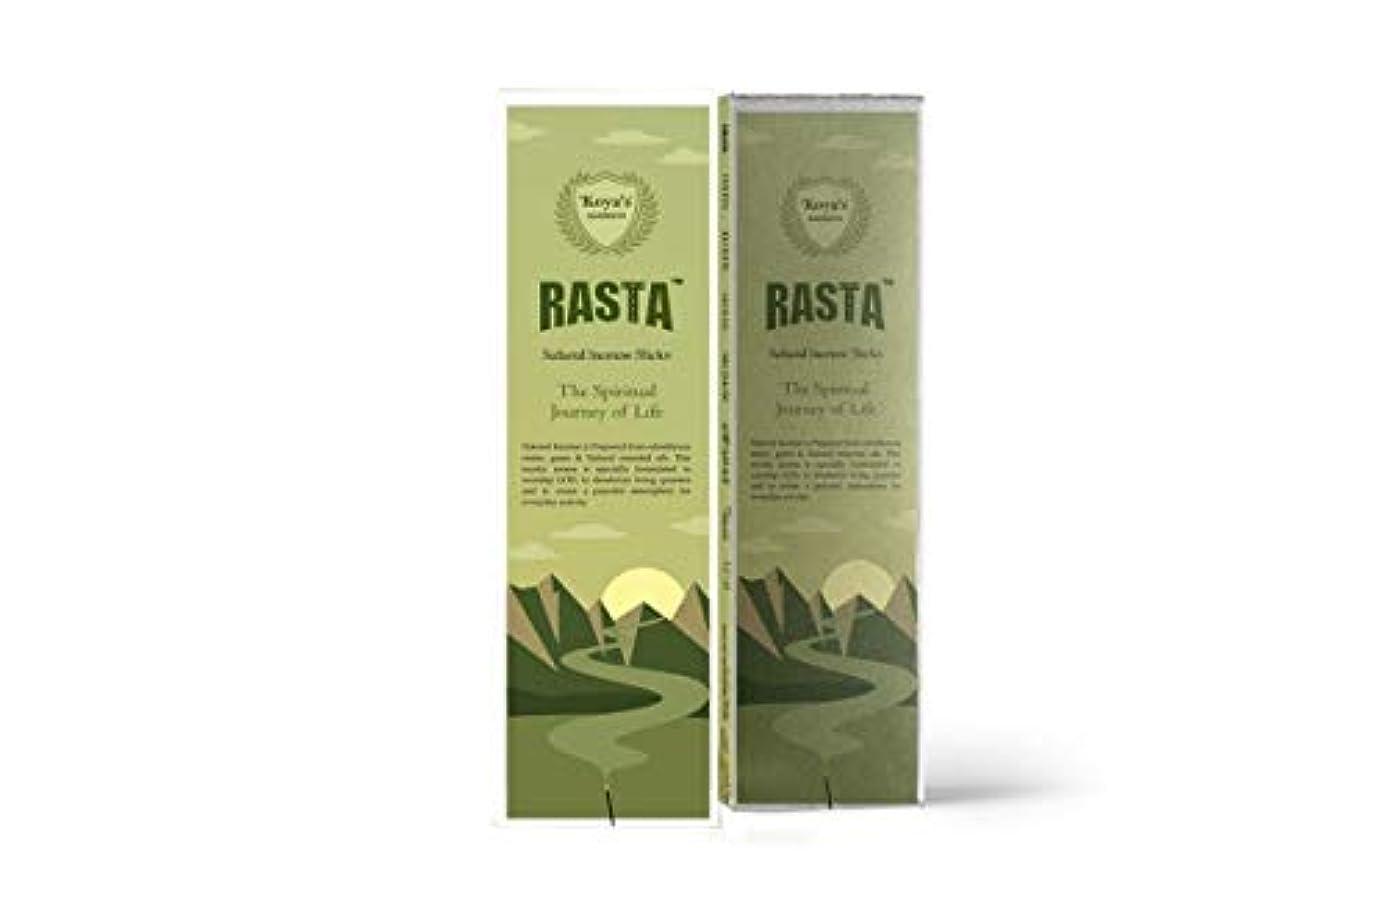 接地洗剤留まるkoya's Rasta Premium Incense Sticks Pack of-5